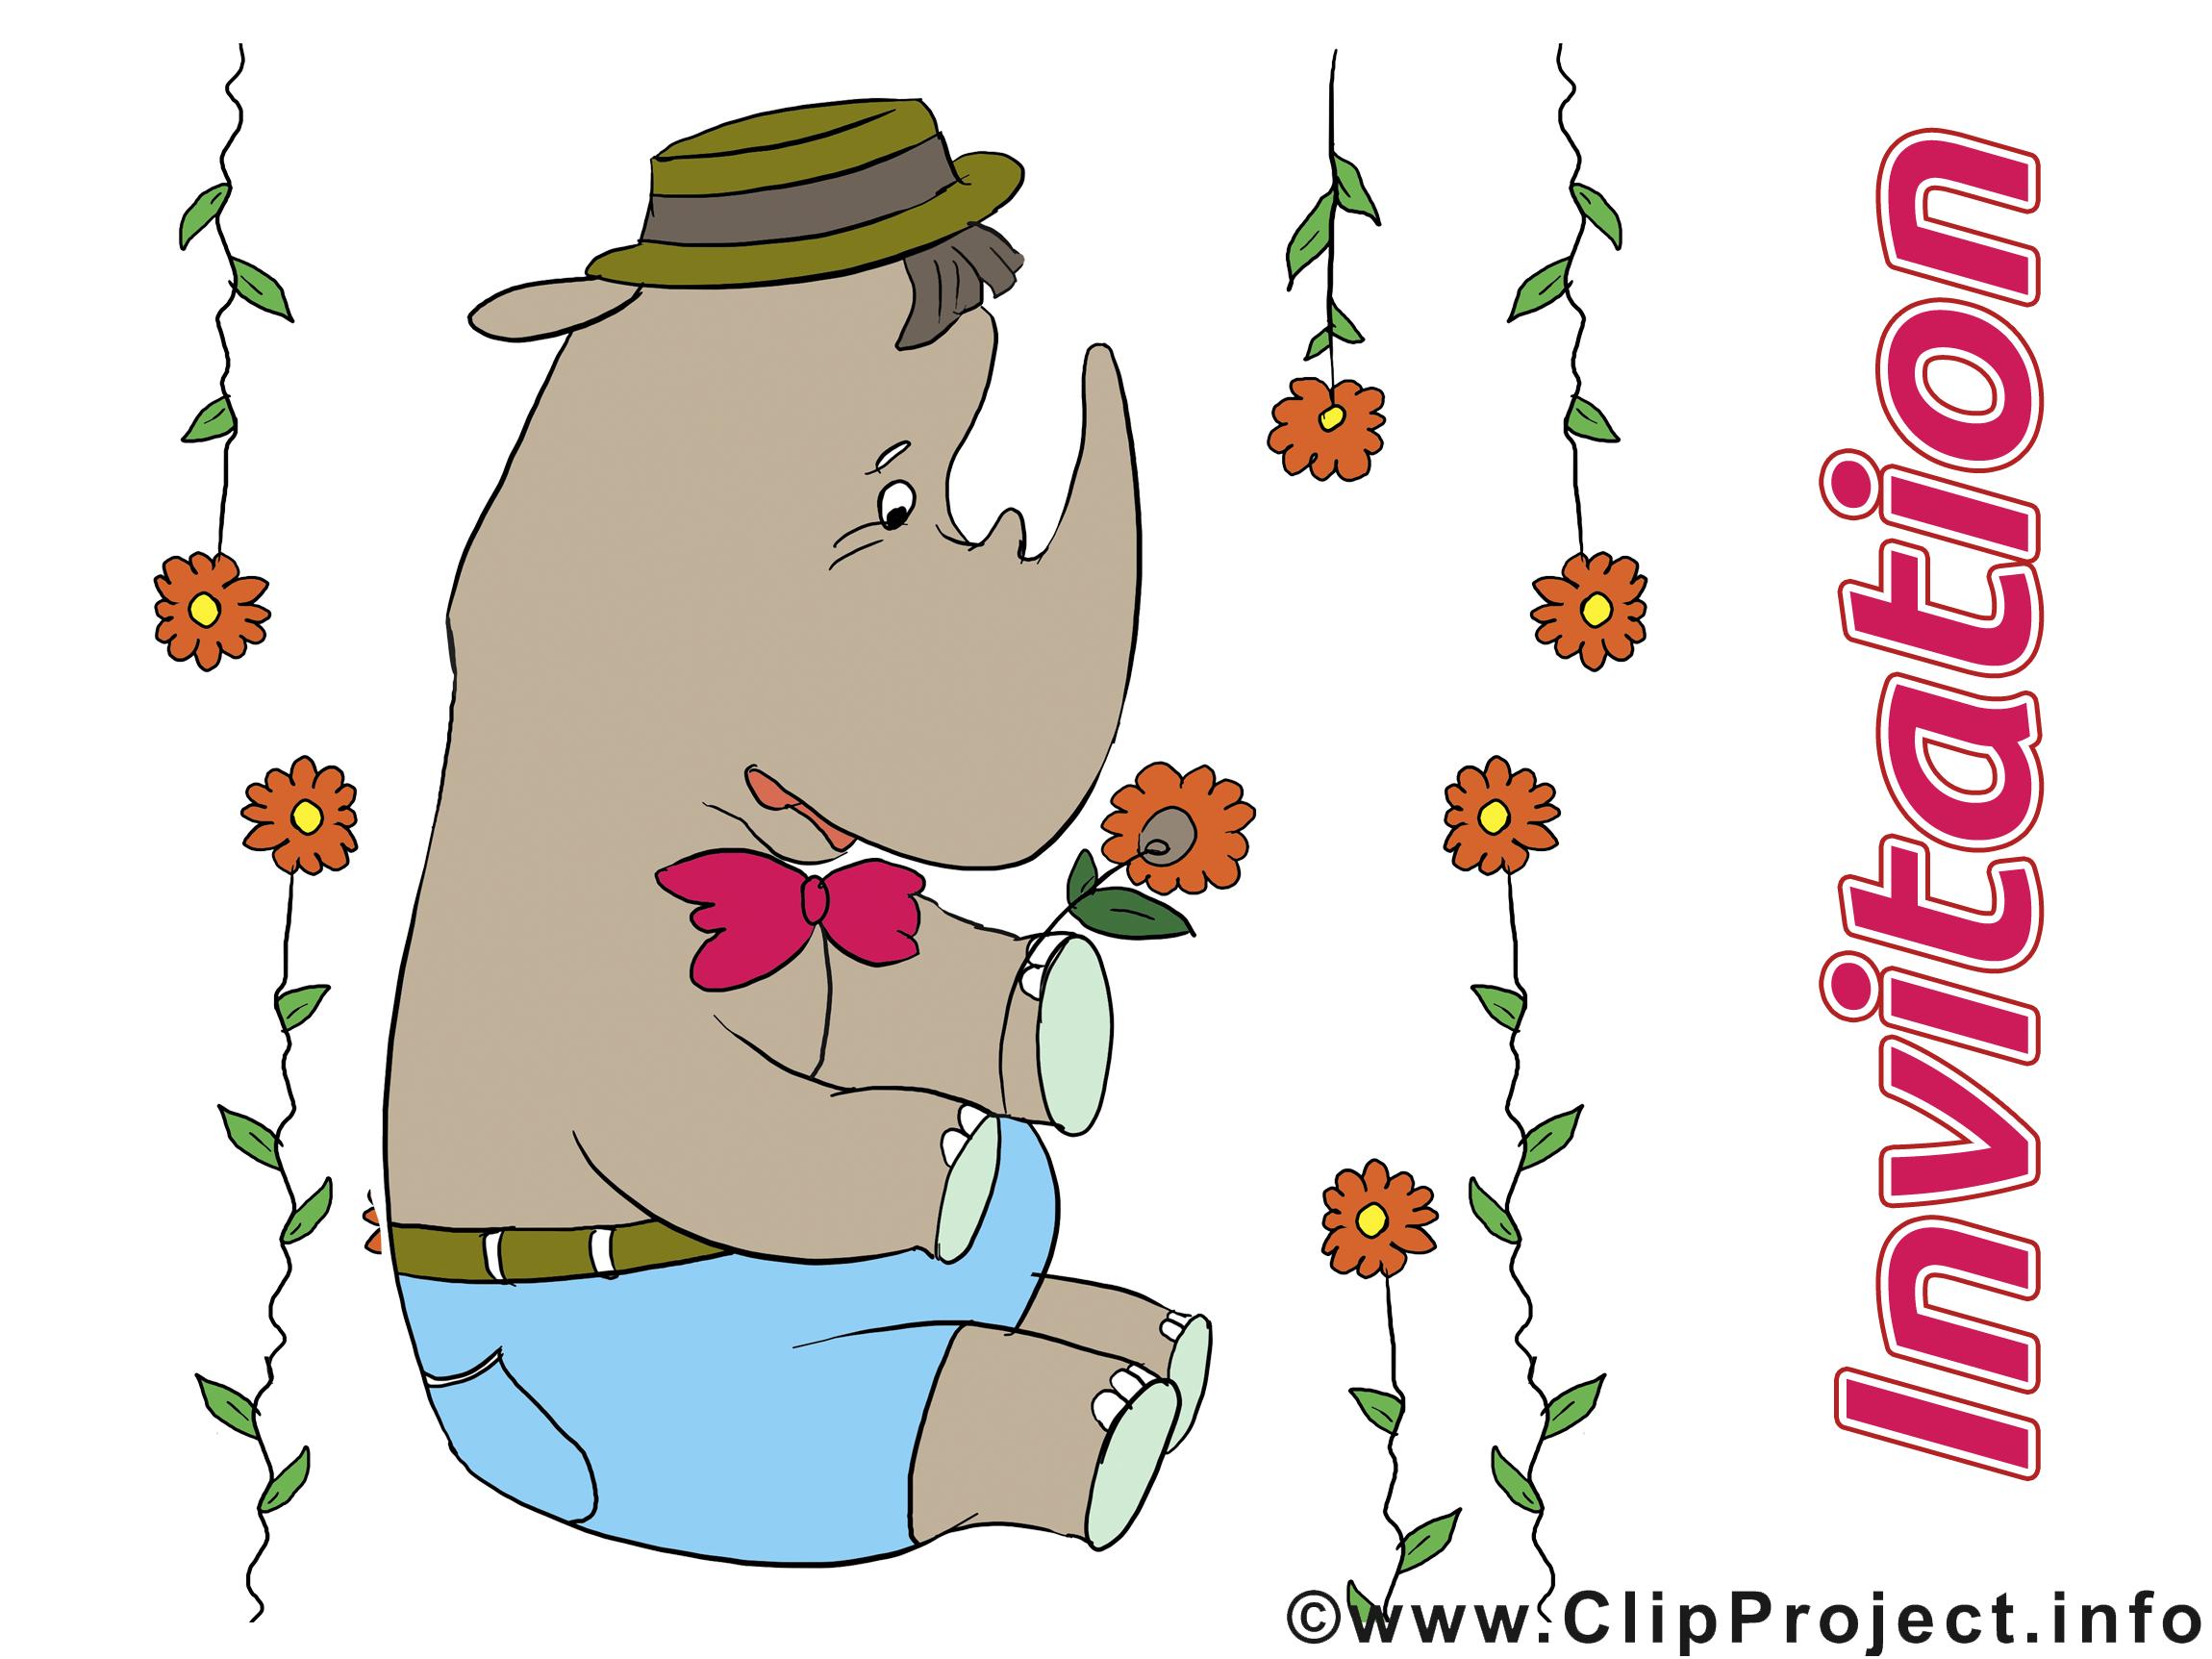 Rhinocéros invitation image à télécharger gratuite